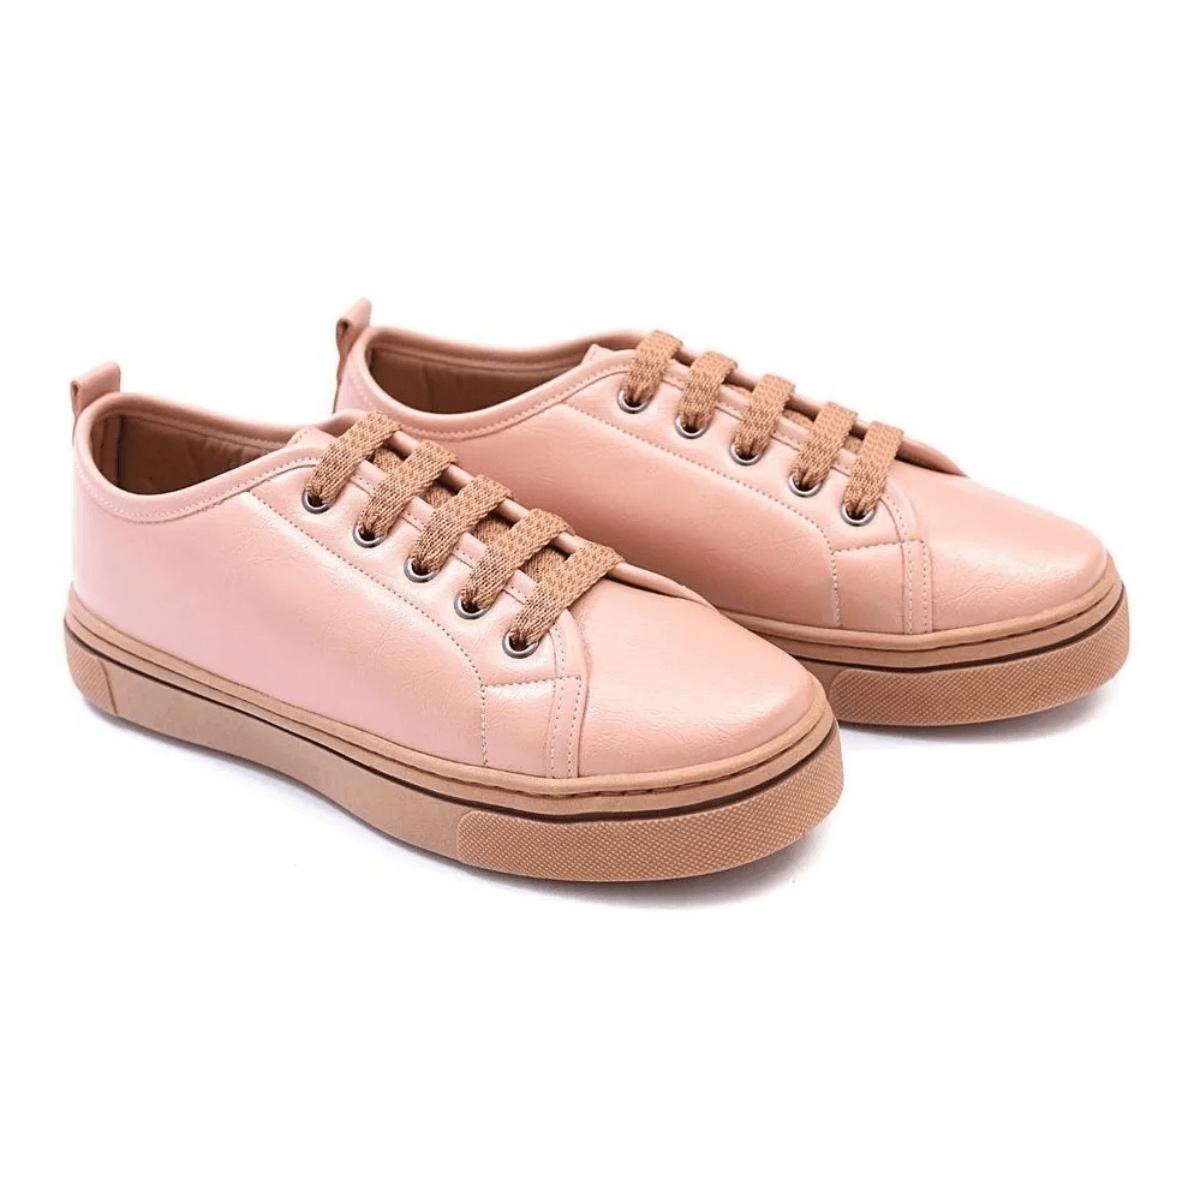 Tênis Casual Gommix Shoes 057 Amarrar Rosa